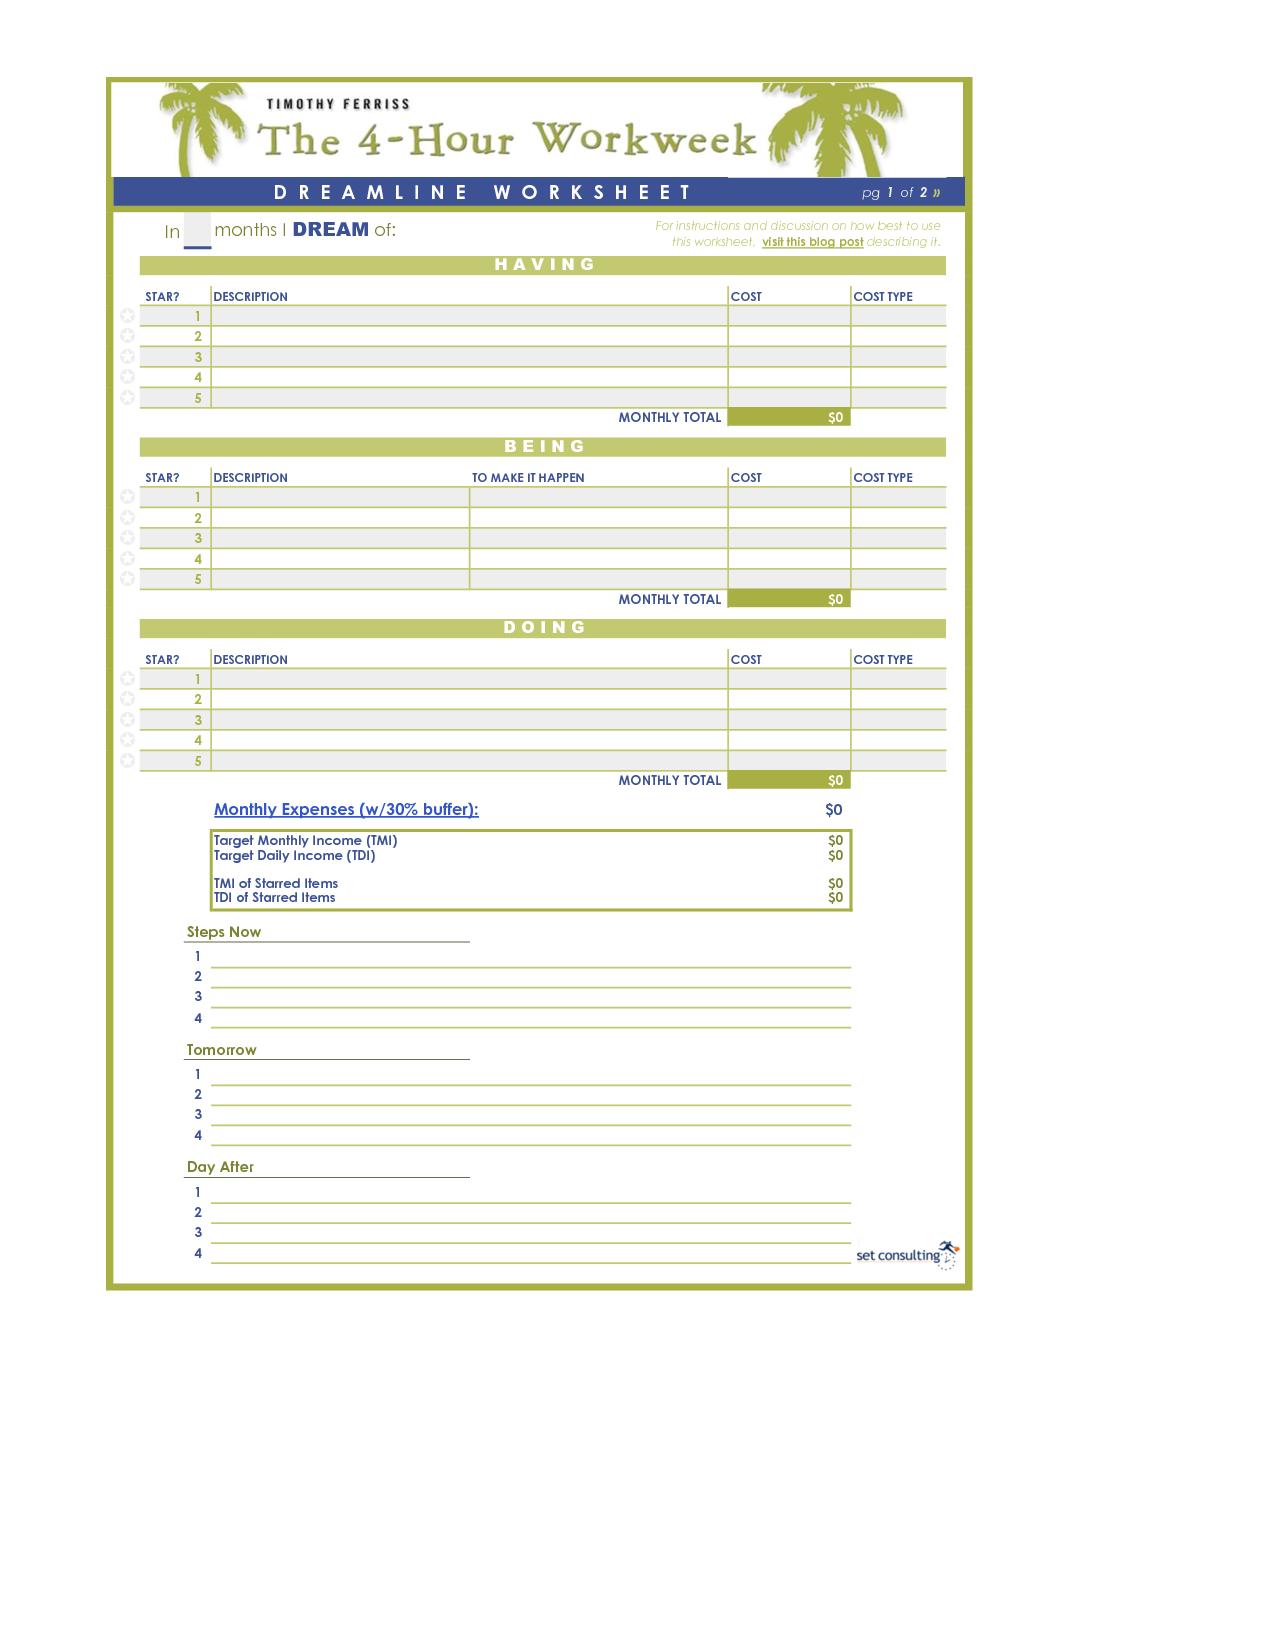 Dreamline Worksheet